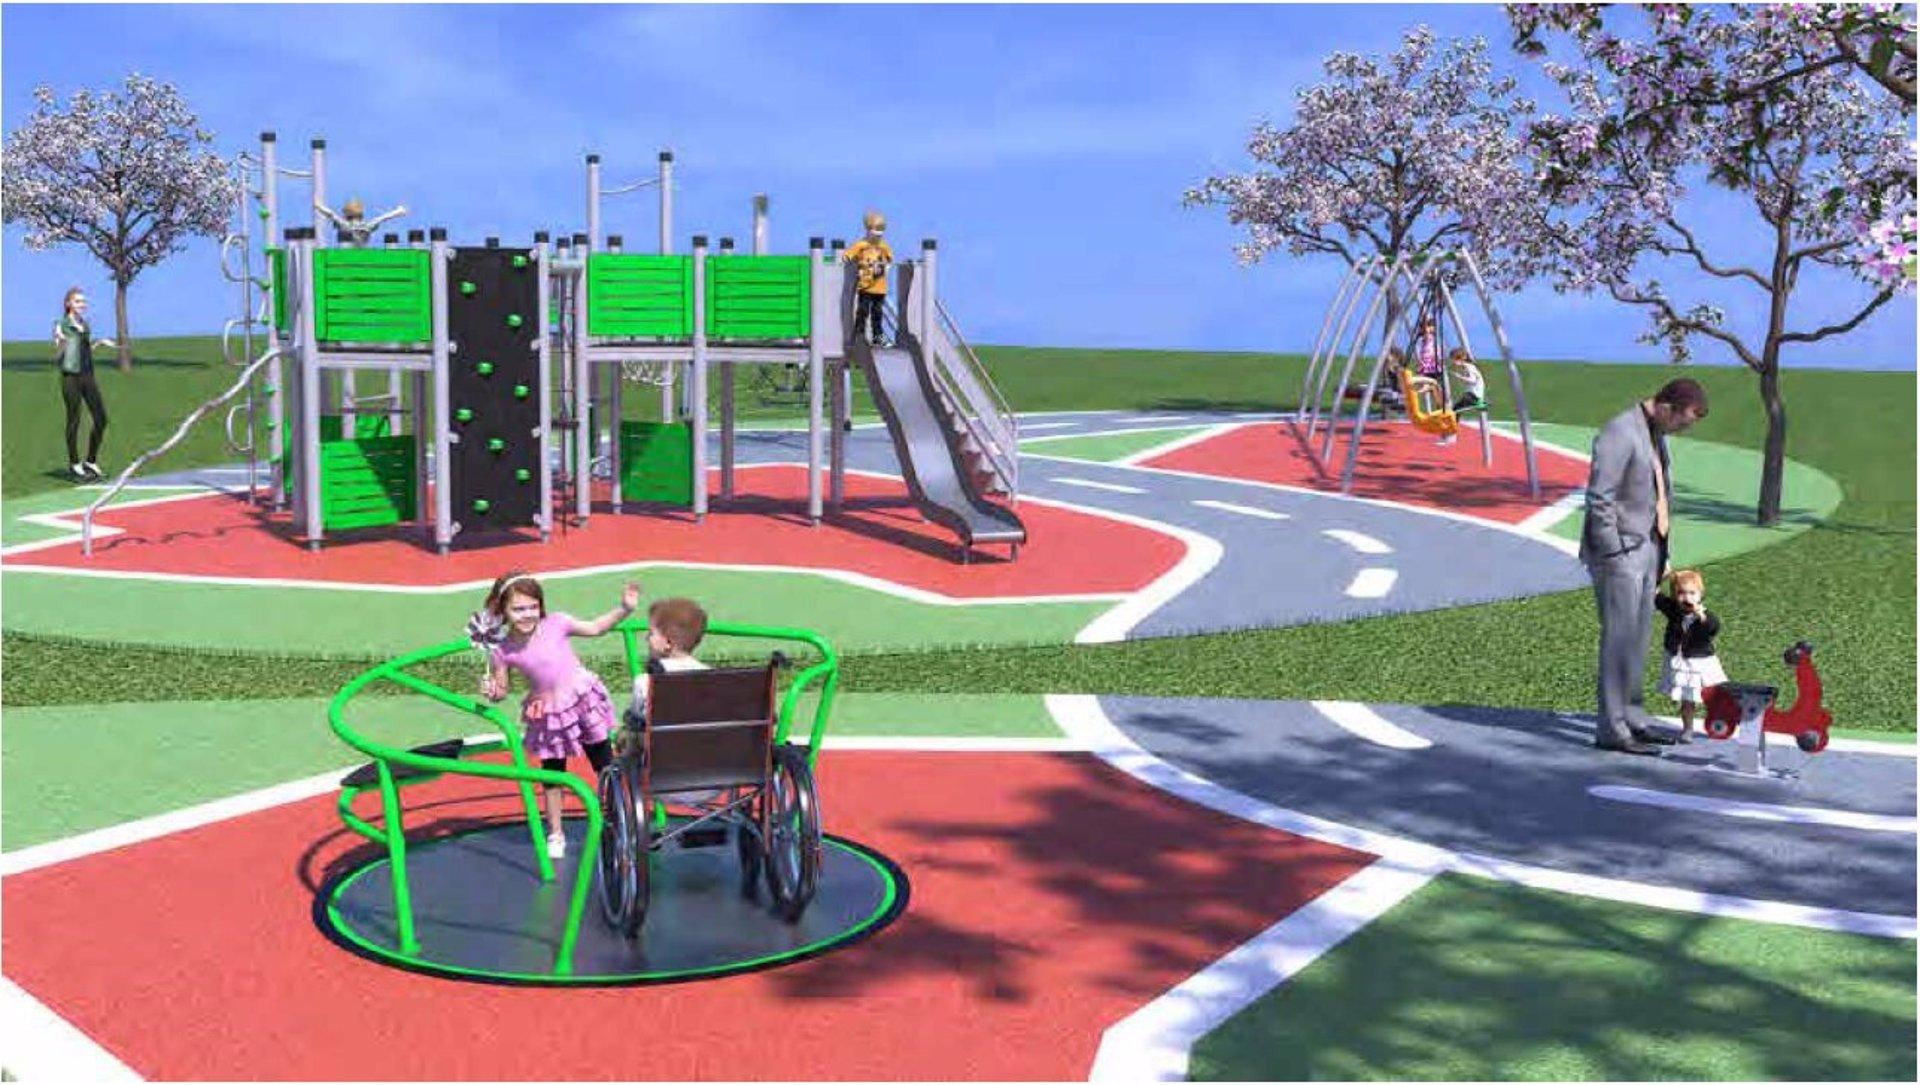 Zona de juegos infantiles proyectada en el parque 'Hermanos Machado' de Alcalá de Guadaíra (Sevilla).